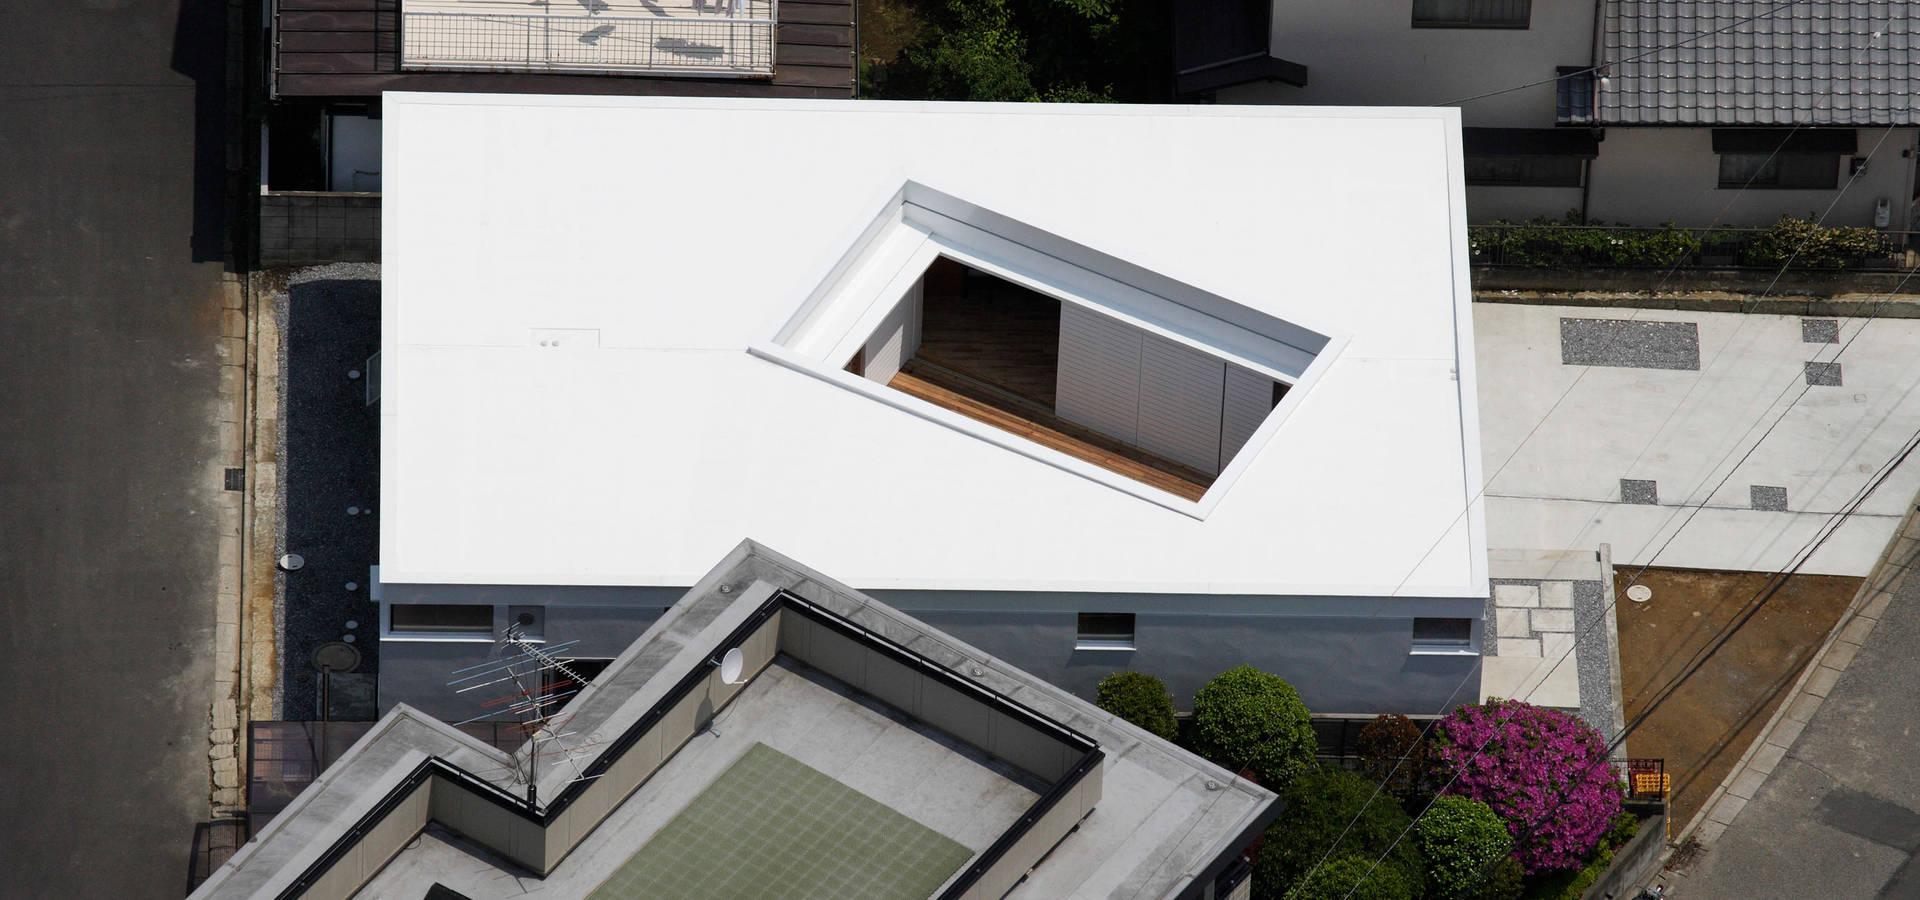 山本卓郎建築設計事務所